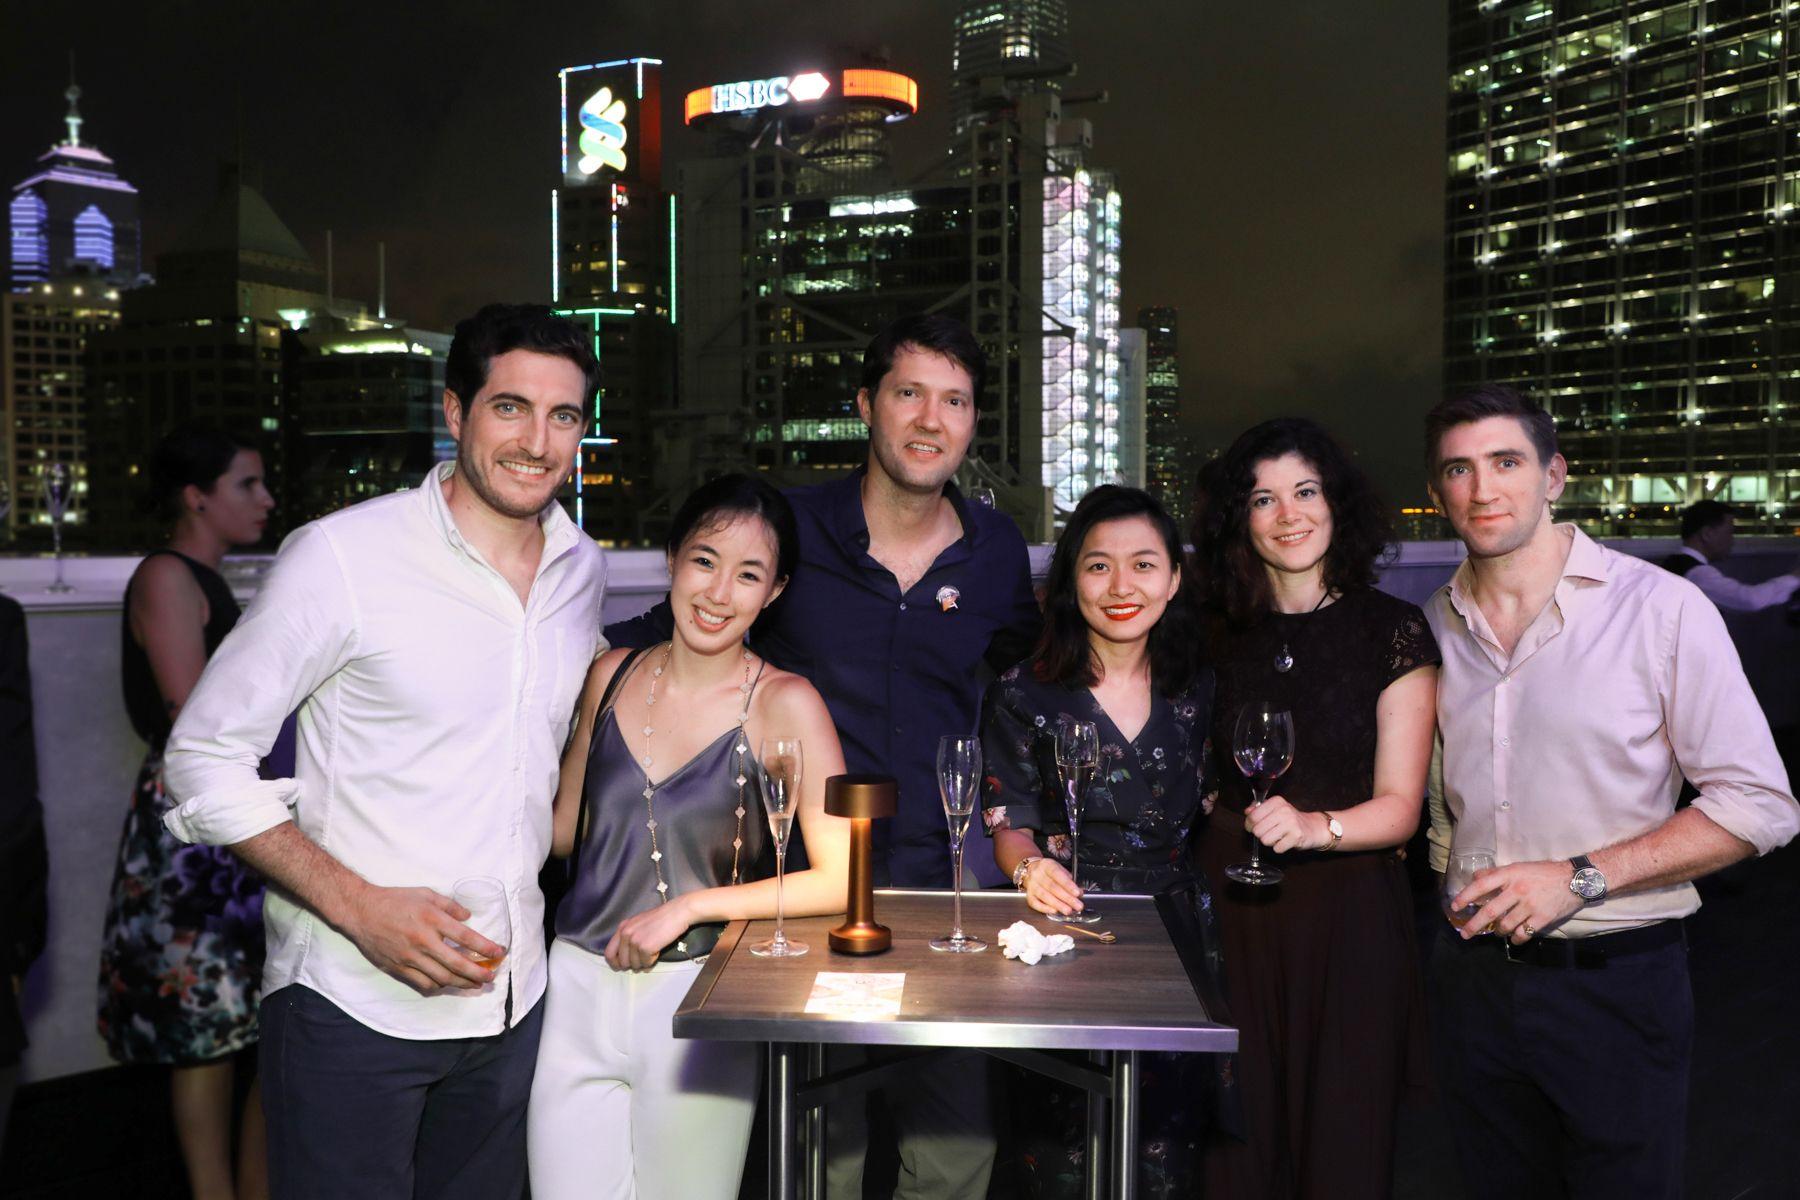 Joseph Louli, Victoria Chow, Max von Poelnitz, Sabrina Yang, Jacqueline Brownhill, Alister Musgrave